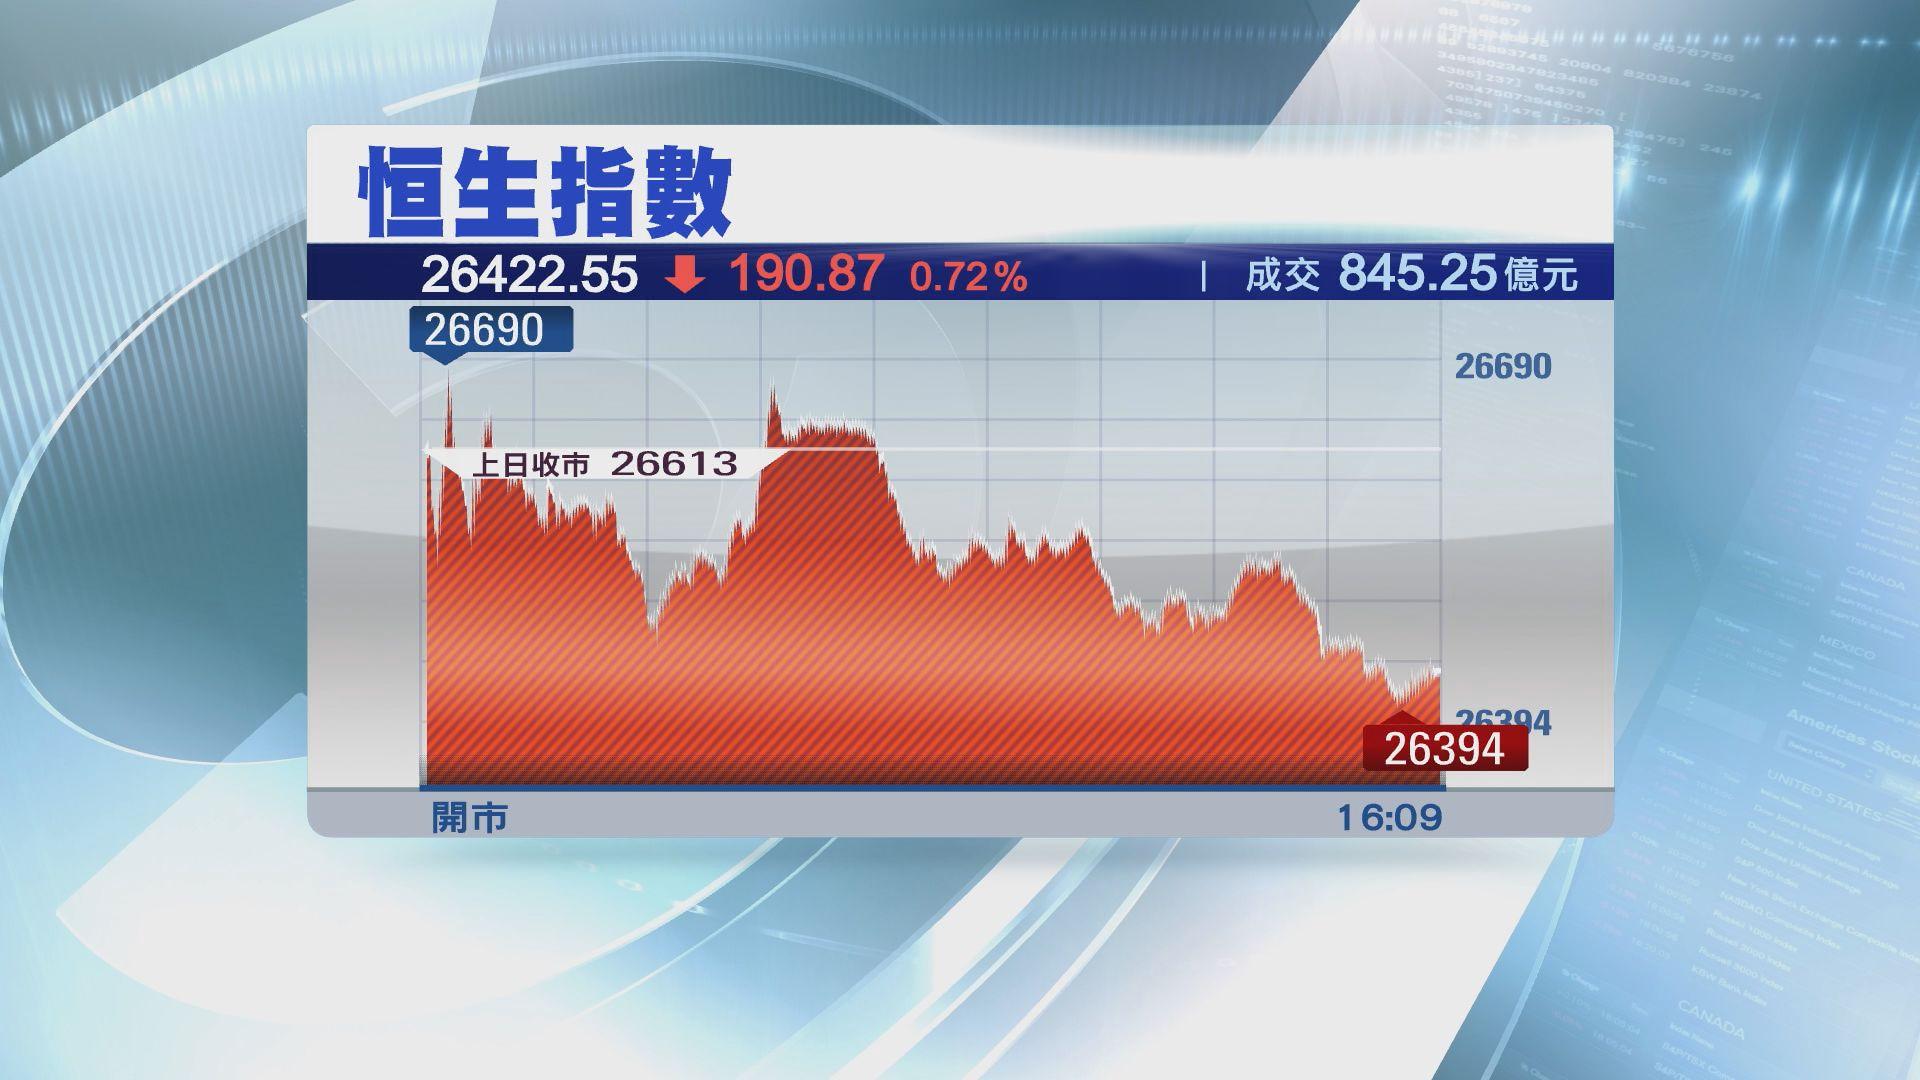 【受外圍影響】中信里昂:港股有下跌風險